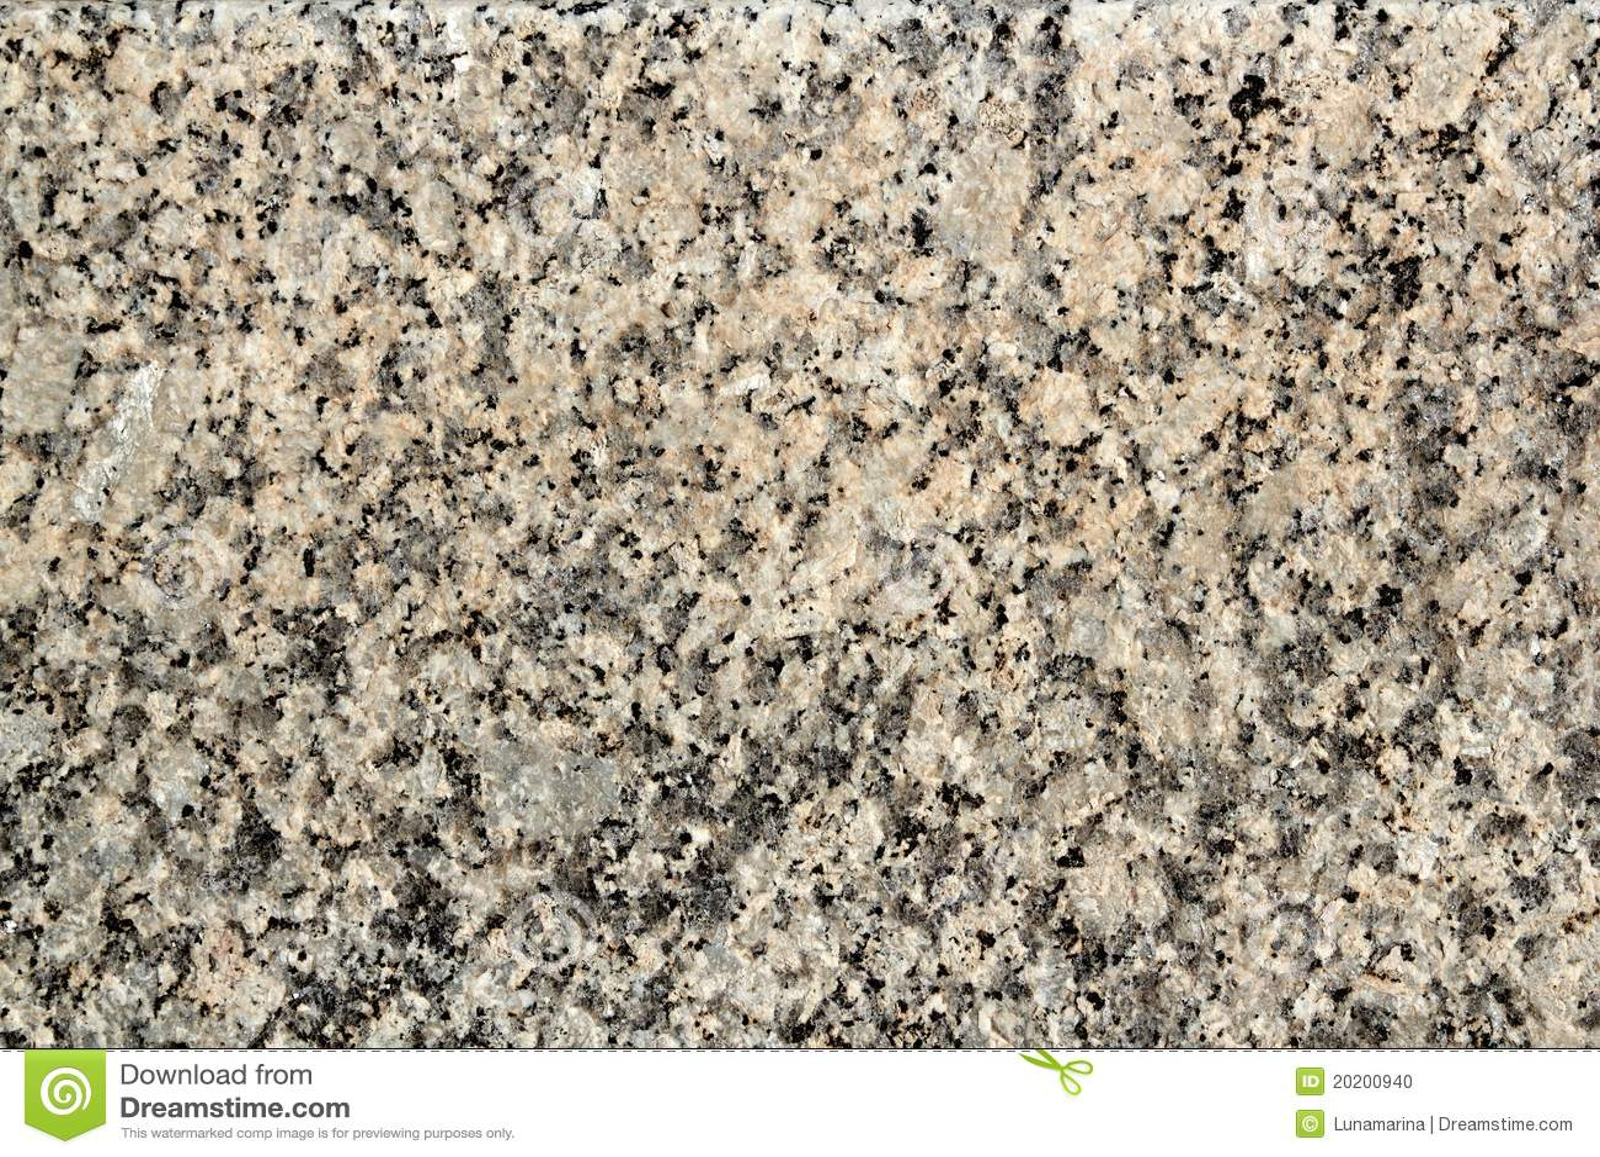 Blanco Negro Gris De La Textura De Piedra Del Granito Foto